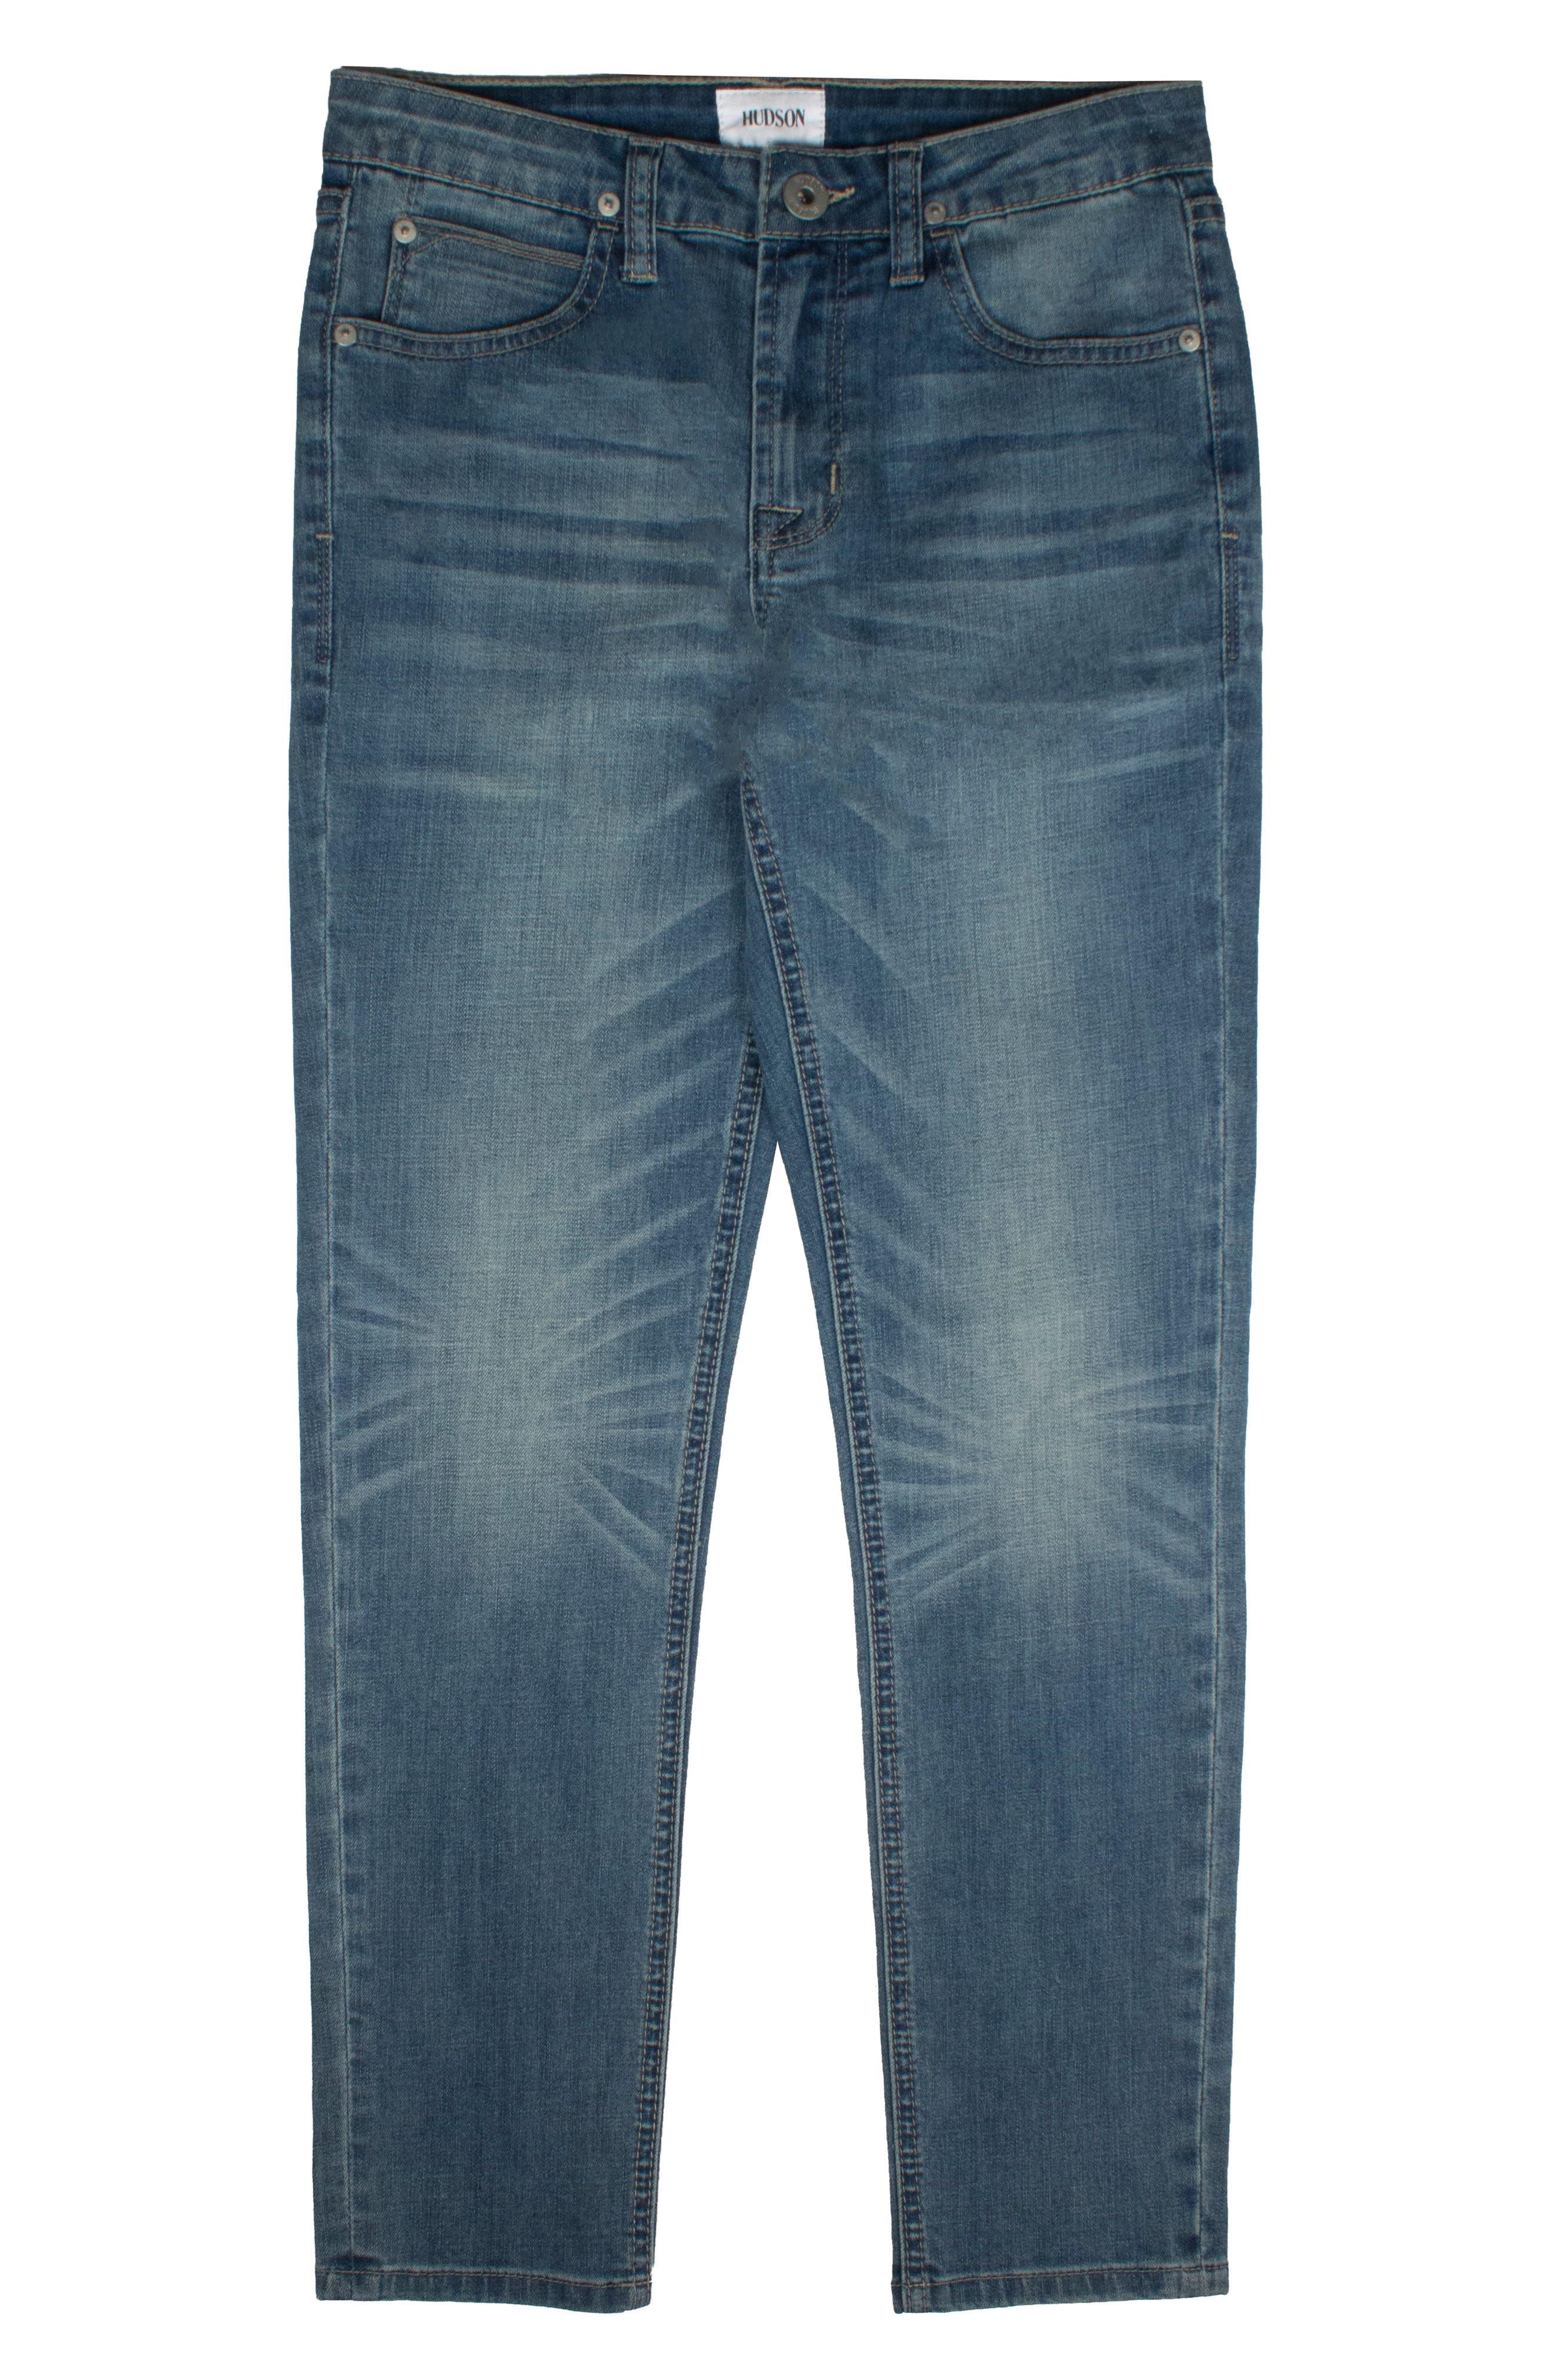 HUDSON KIDS Jagger Straight Leg Jeans